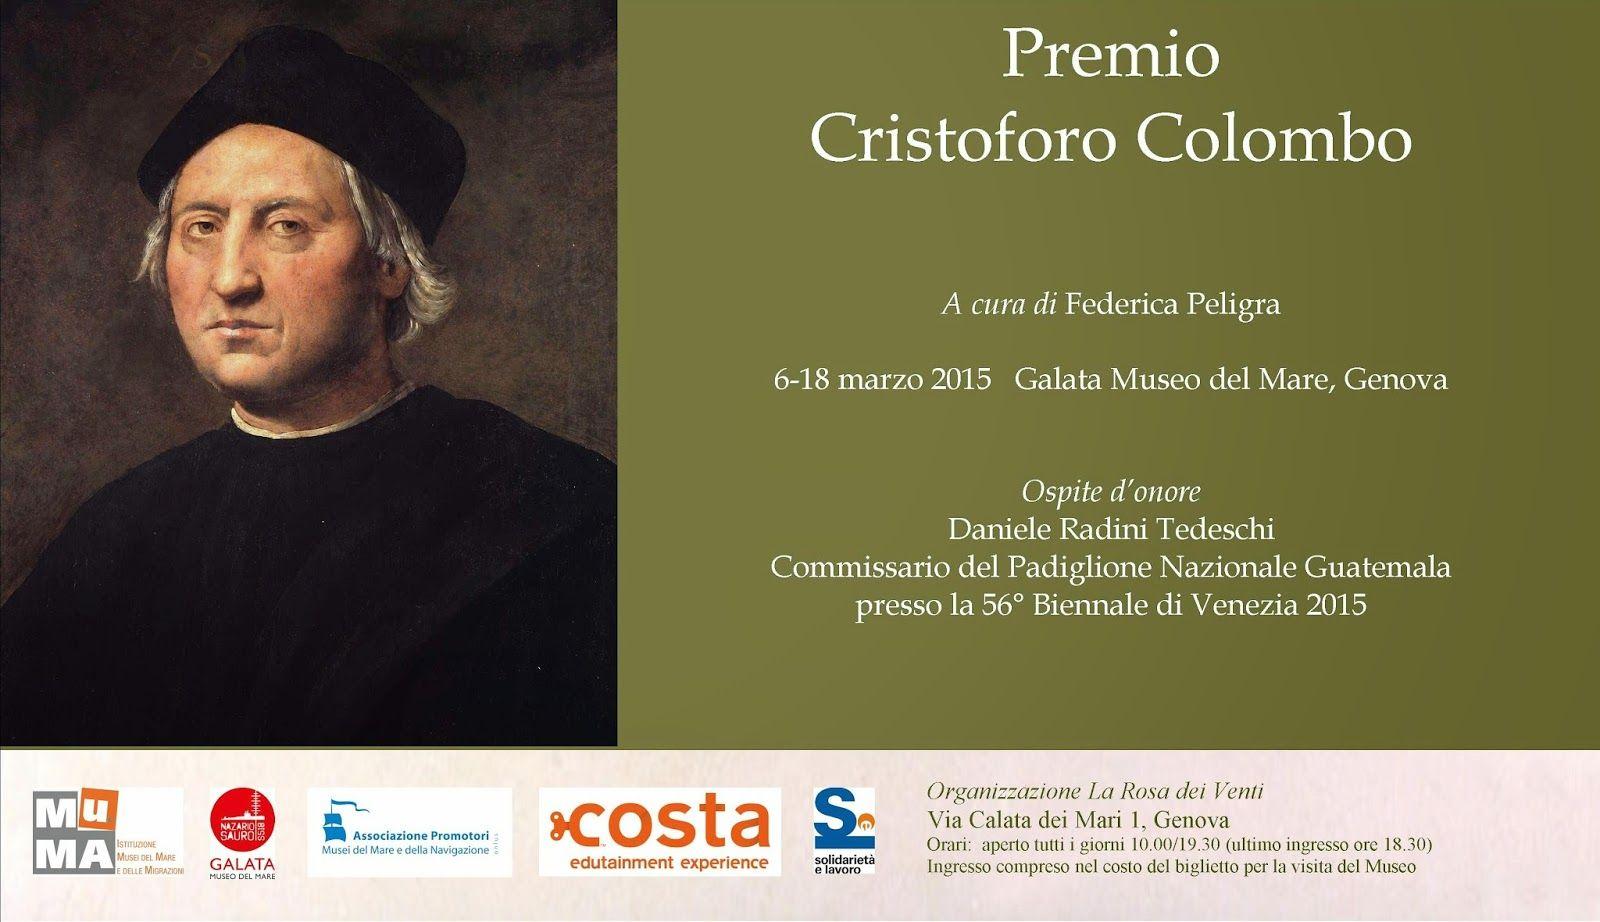 Dal 6 Marzo al 18 Marzo il Galata Museo del Mare a...